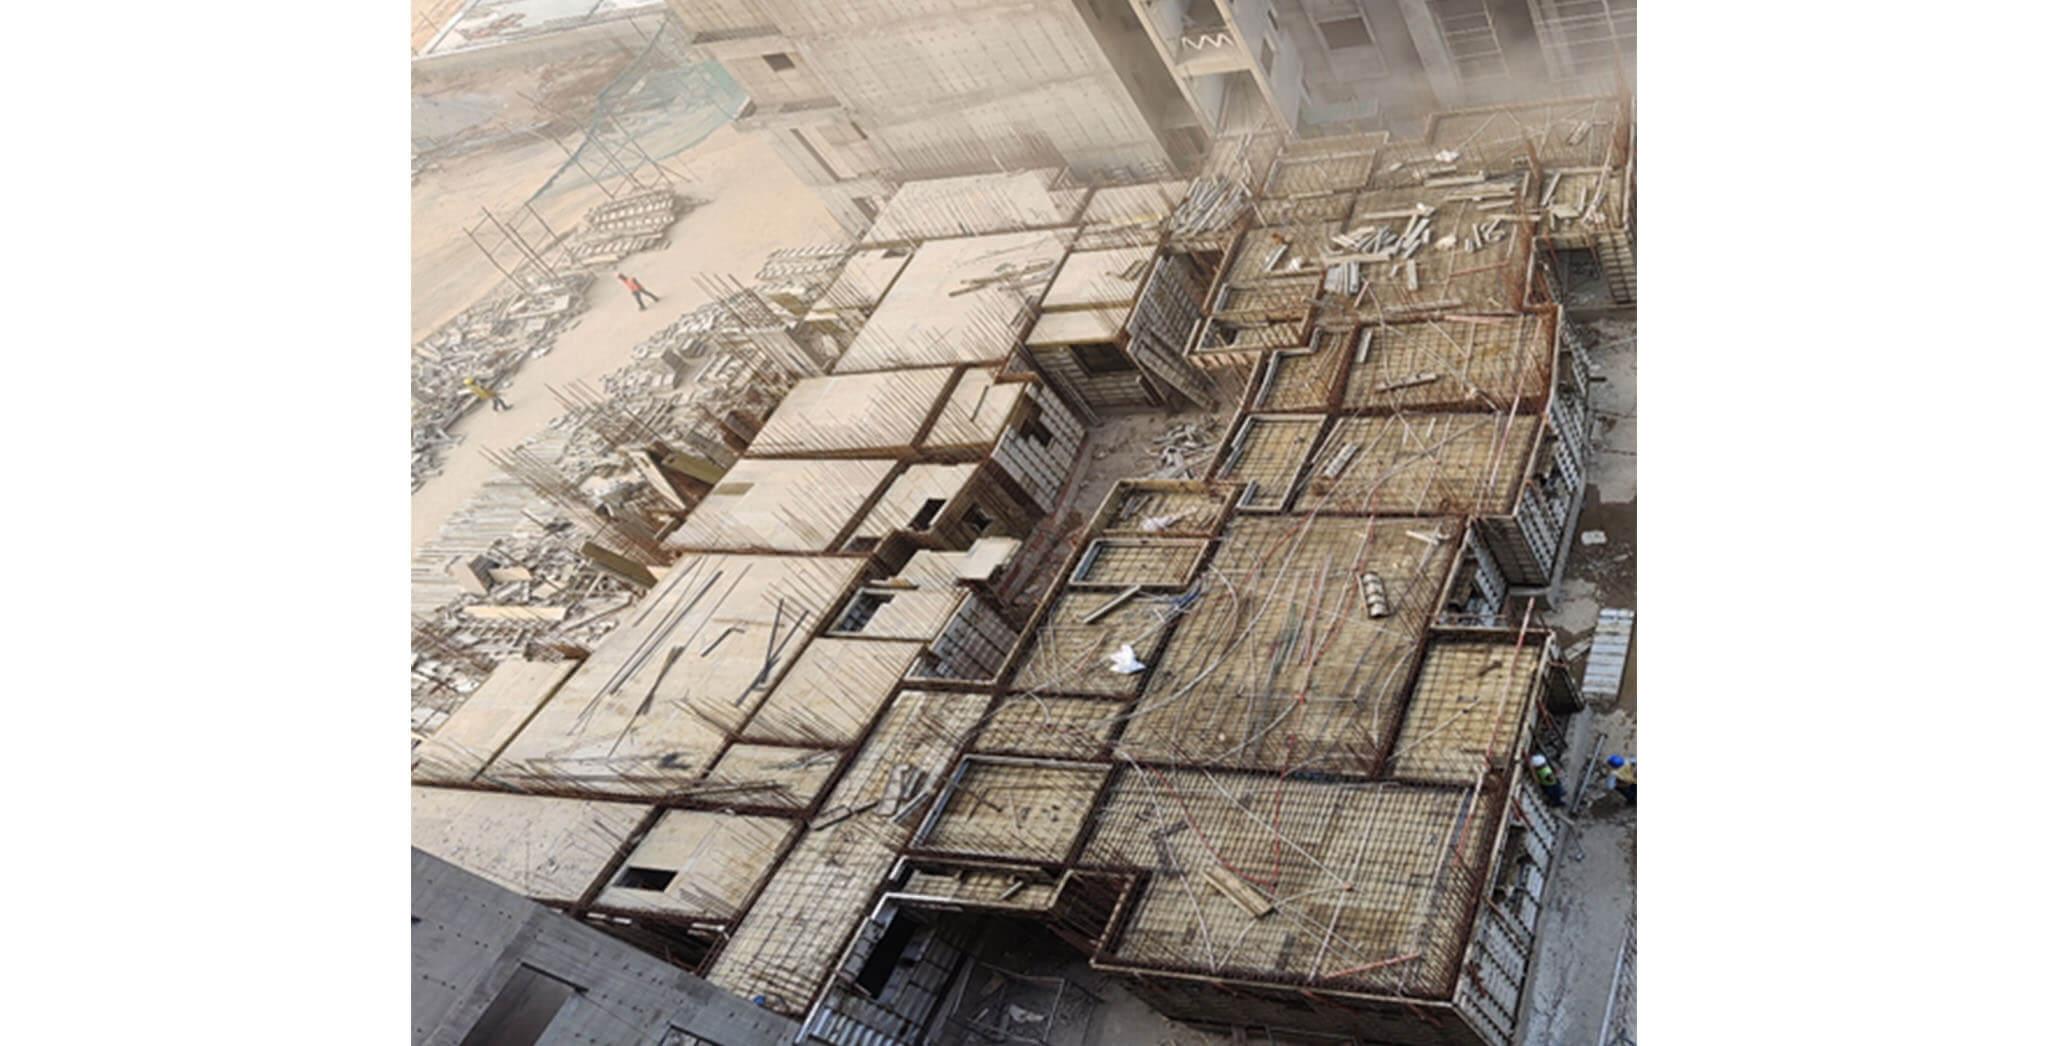 Feb 2021 - Serene: First floor slab structure work-in-progress